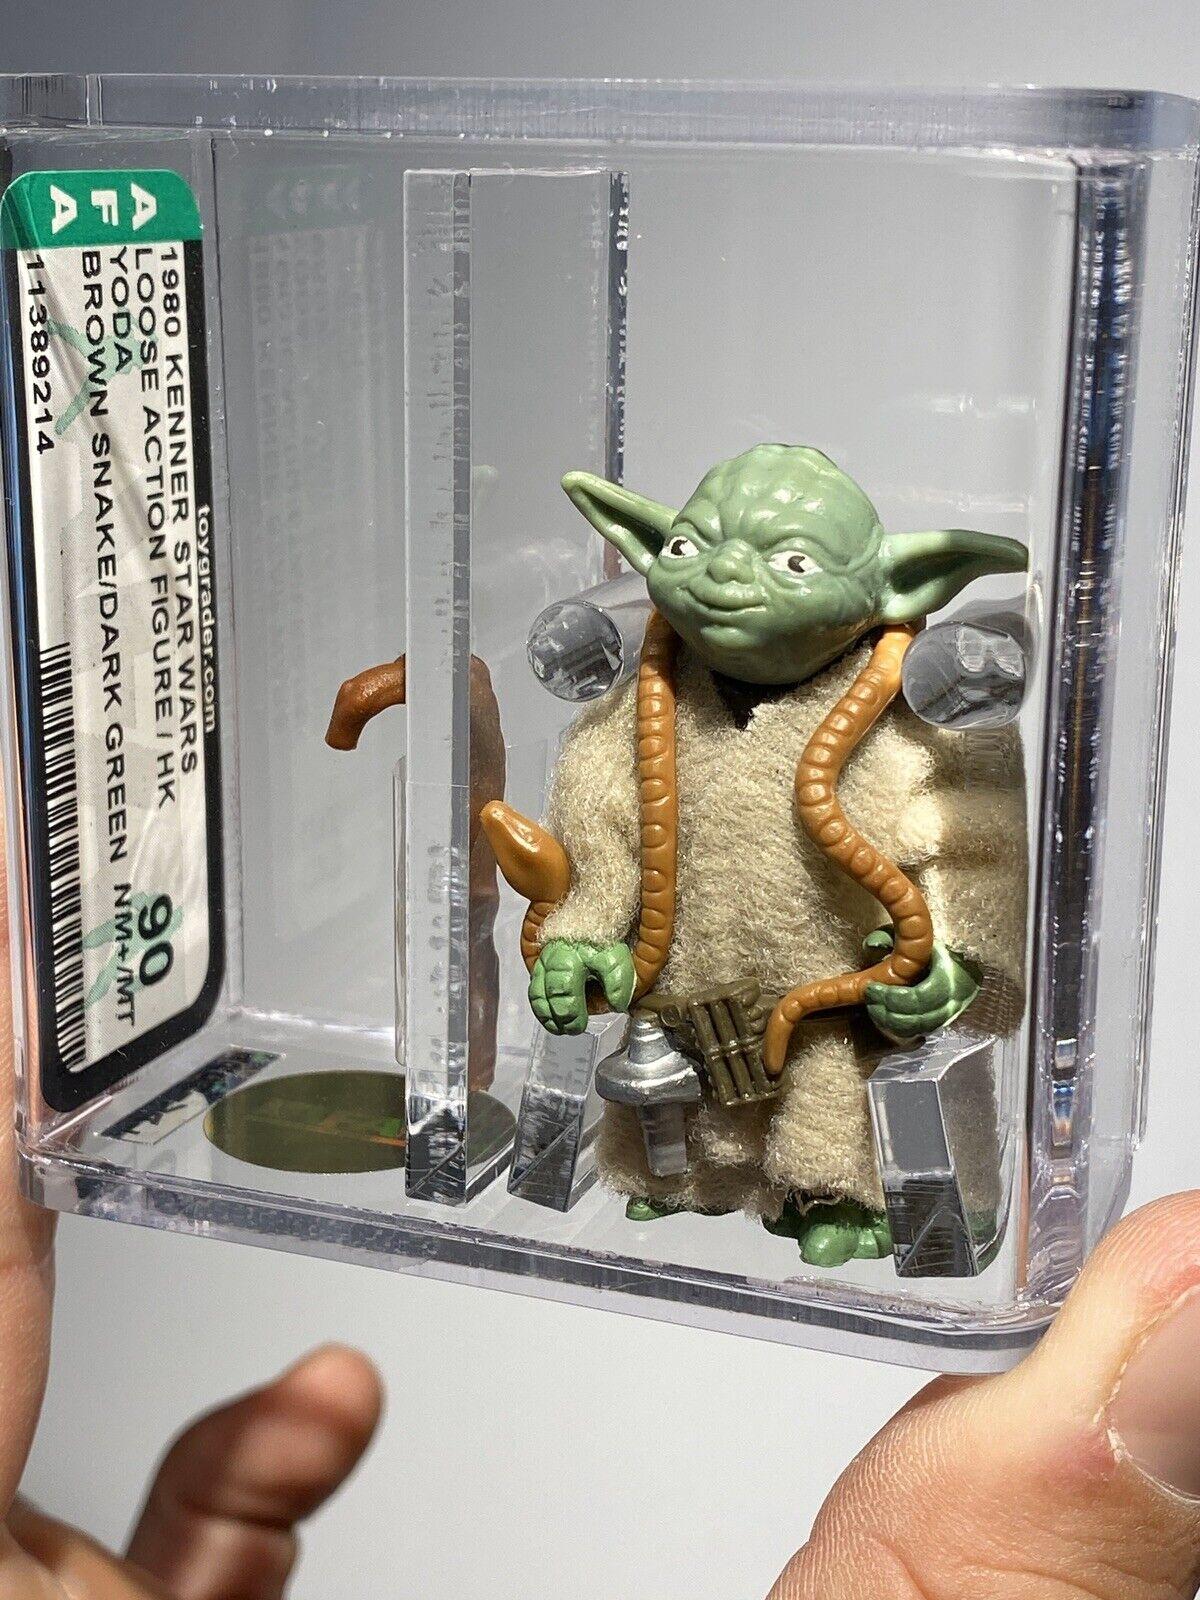 AFA 90 Kenner 1980 Star Wars Loose HK Yoda Dark Grün braun Snake Mint New Case